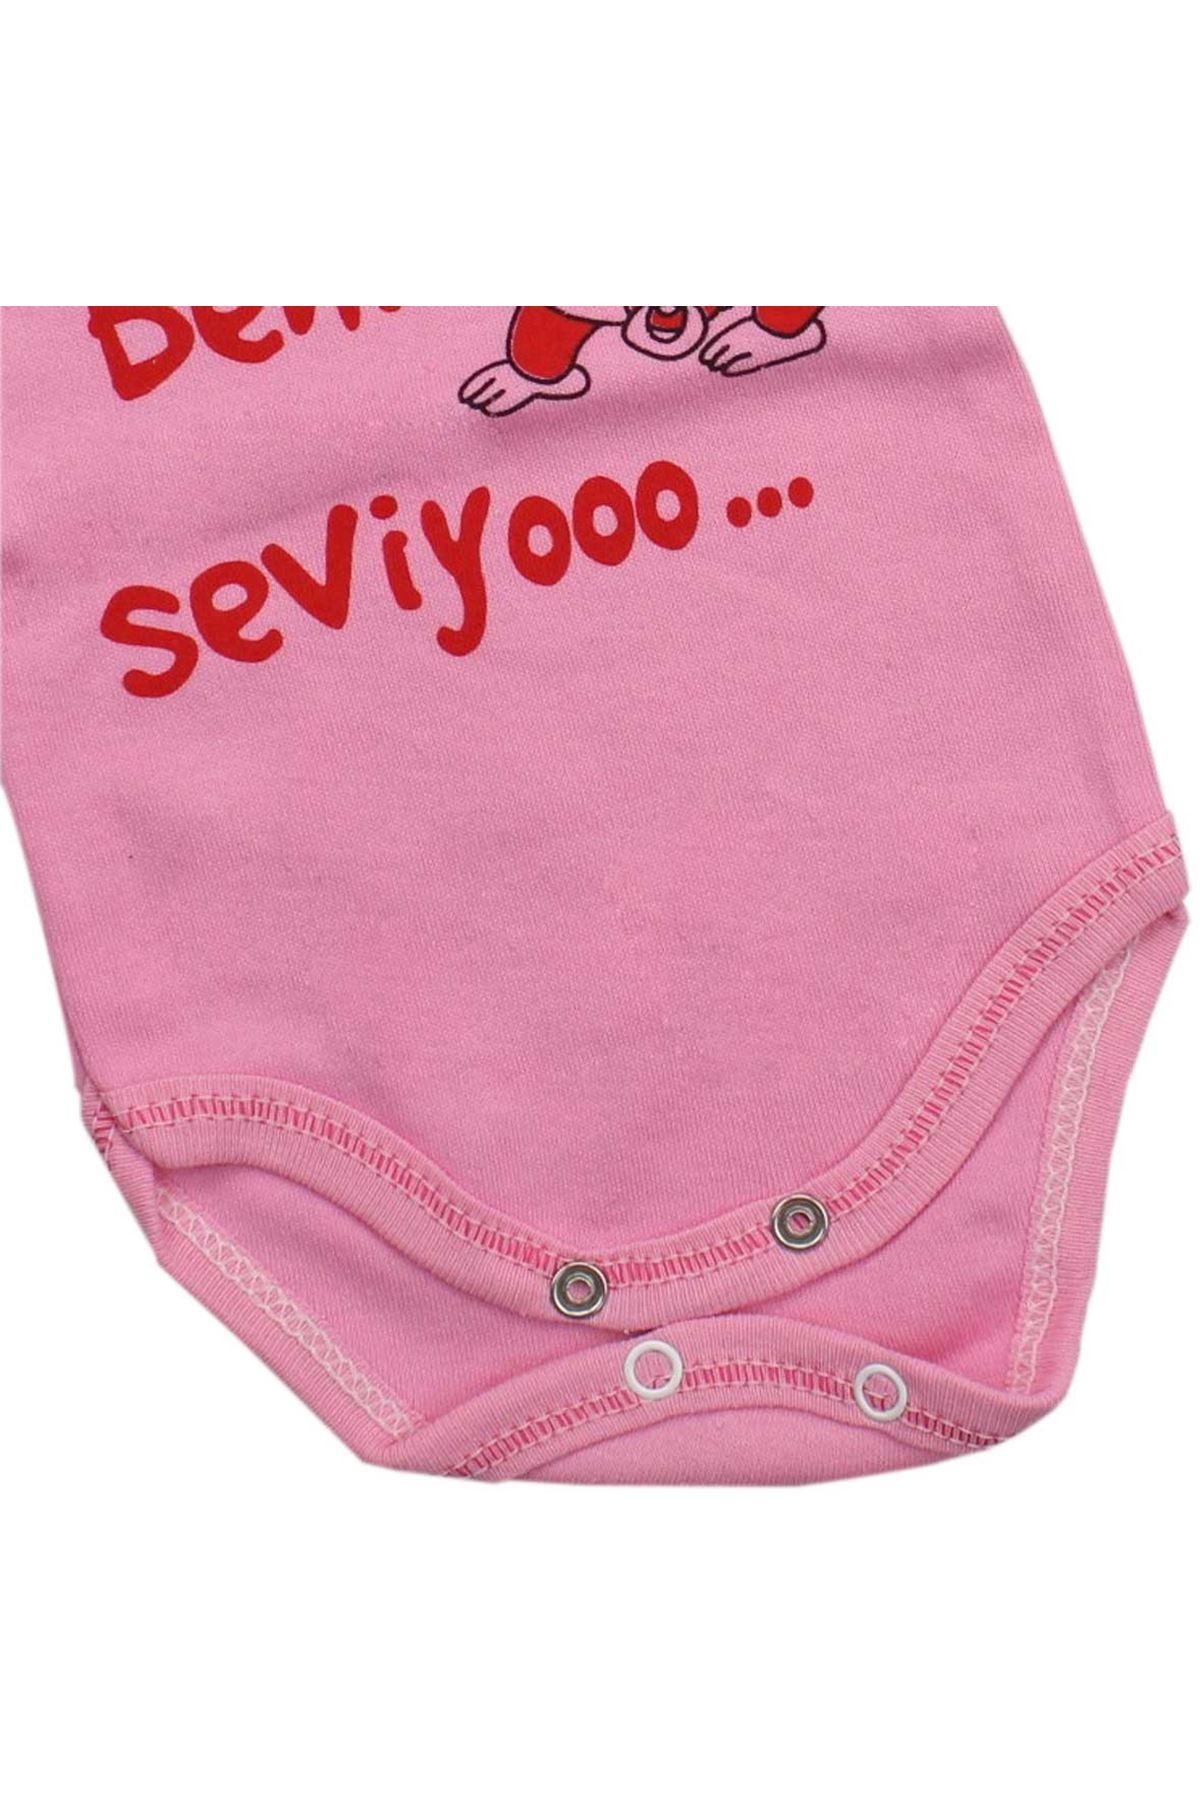 Modakids Kız Bebek Uzun Kol Baskılı Bady 035-95145-021